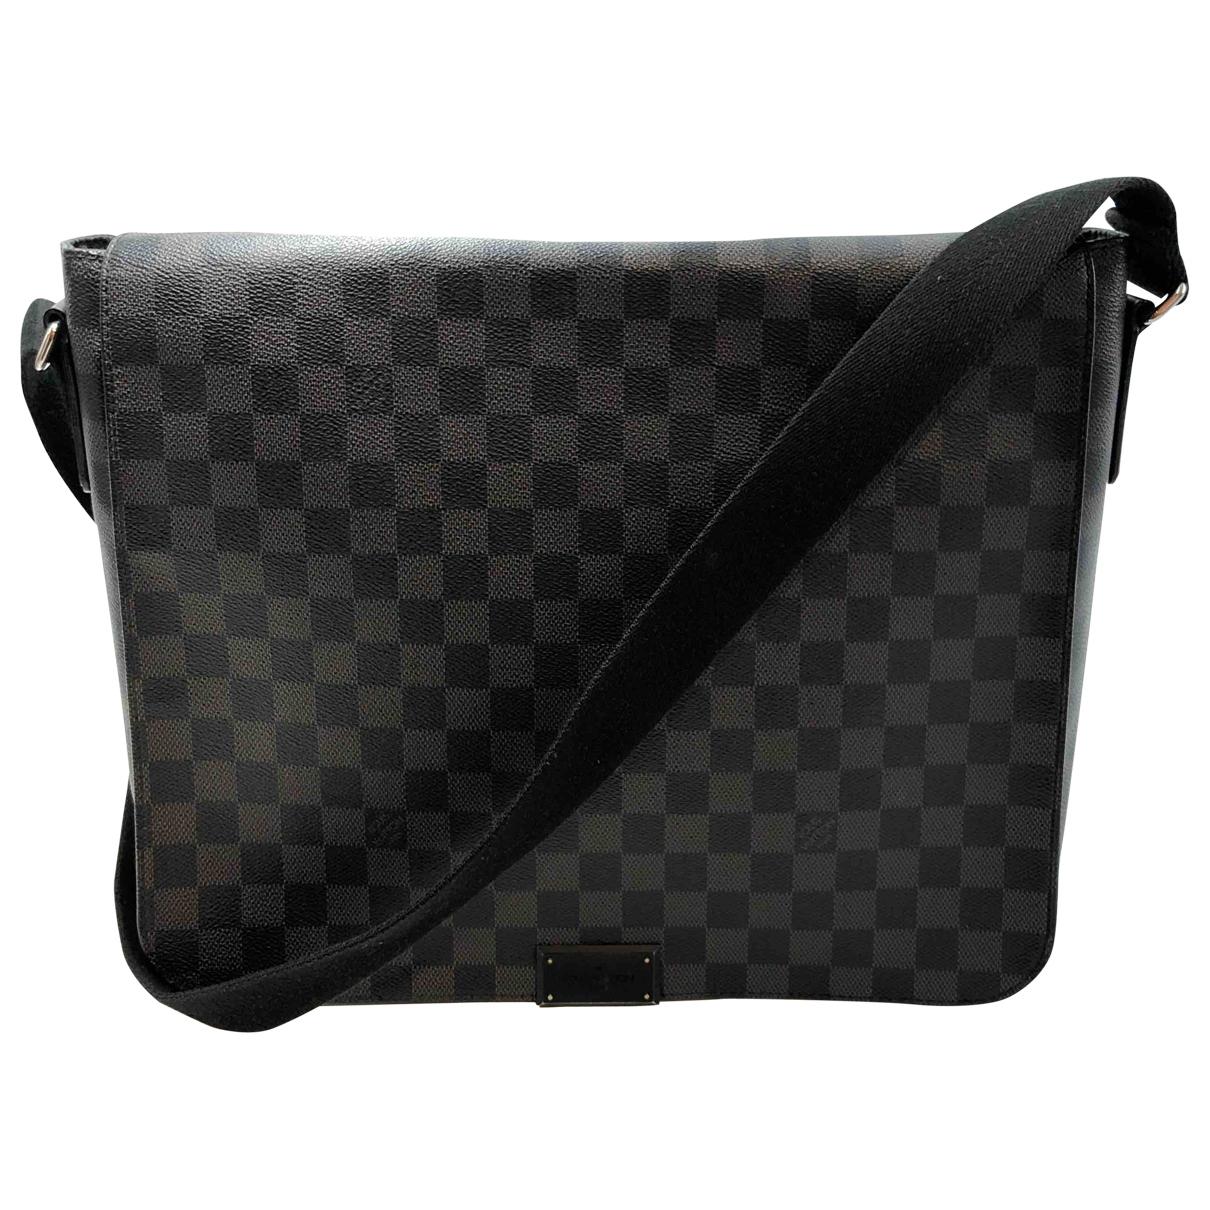 Louis Vuitton - Sac   pour homme en toile - anthracite